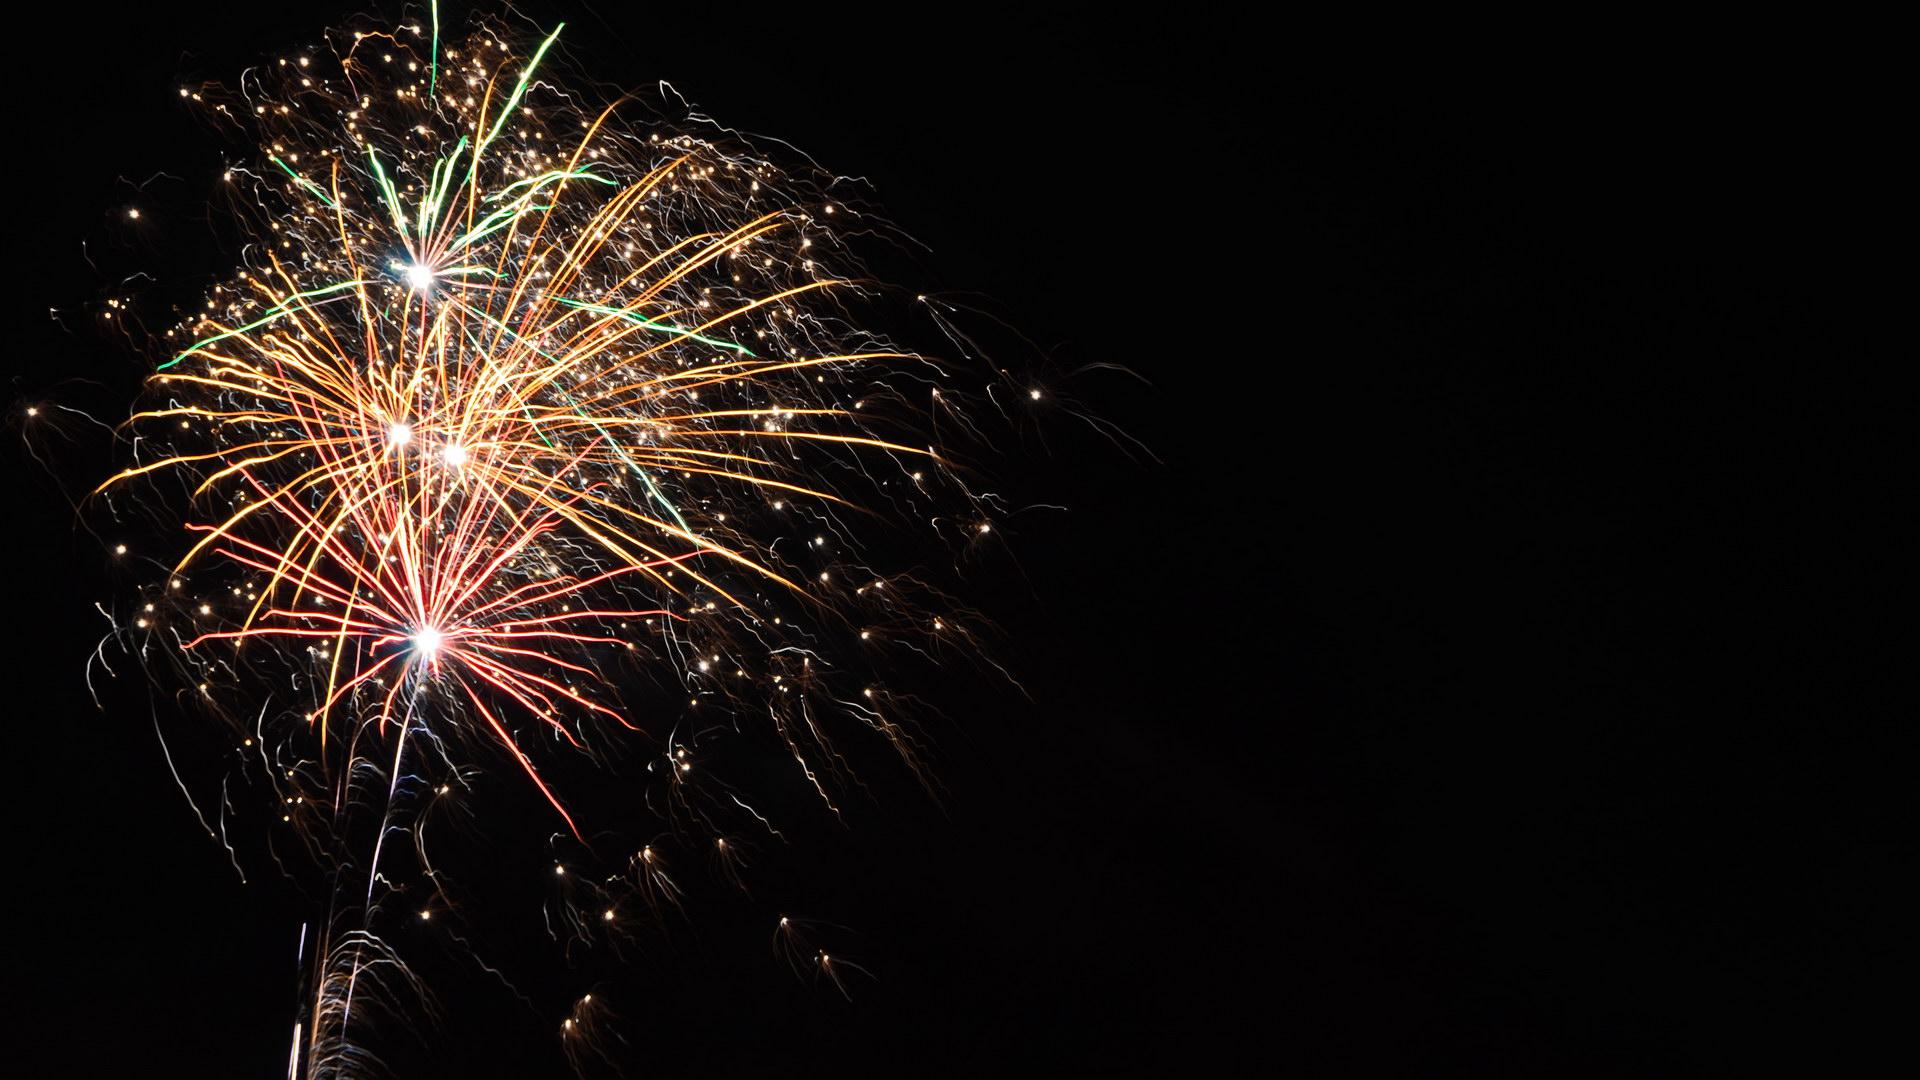 Silvesterfeuerwerk schwarzer Himmel Rakete Rot Grün Gelb Weiß